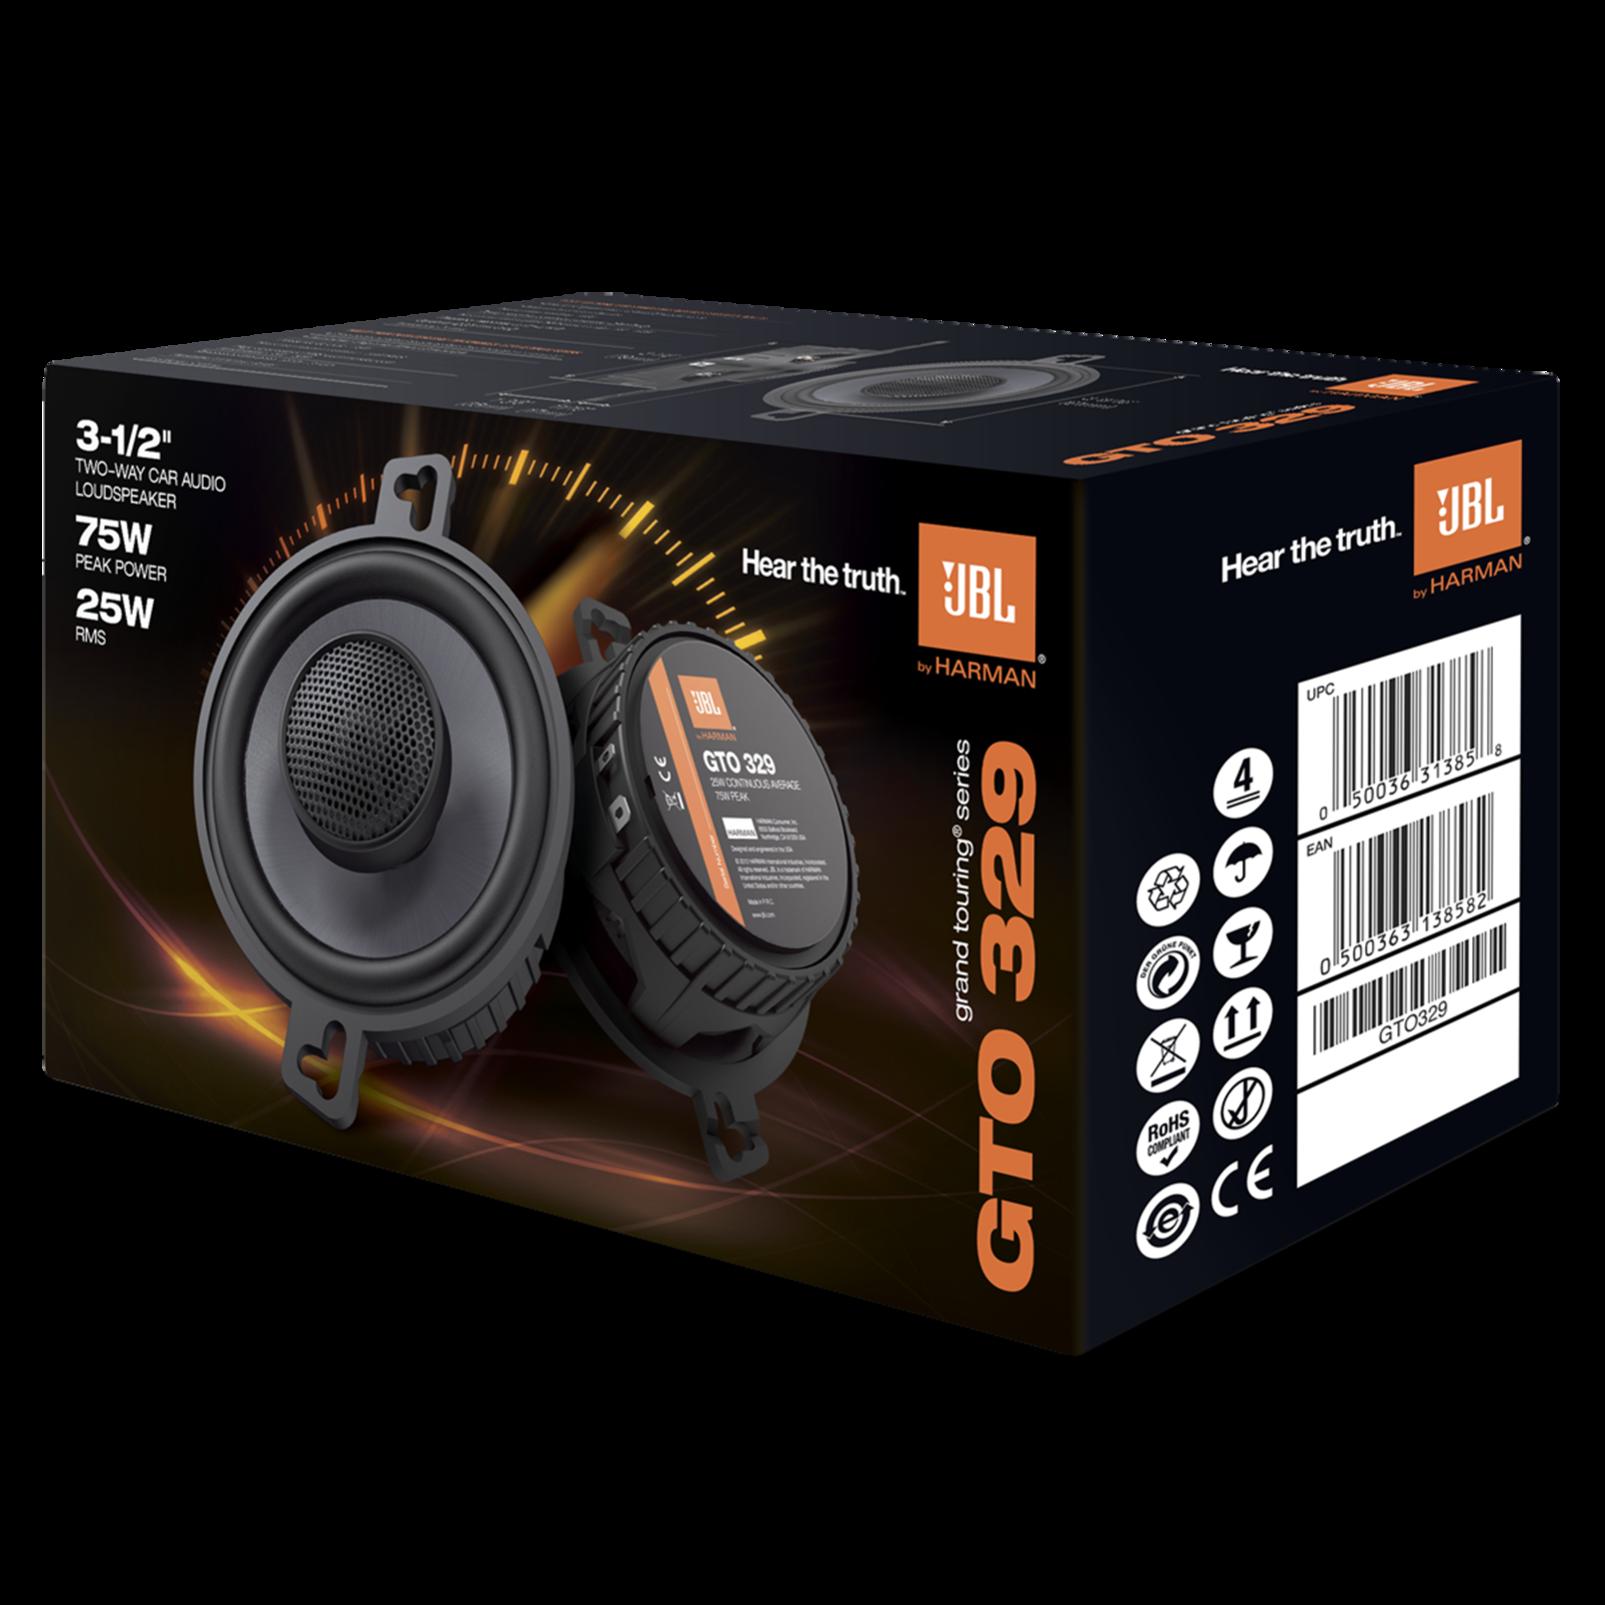 Gto329 75 watt two way 3 12 speaker system keyboard keysfo Image collections